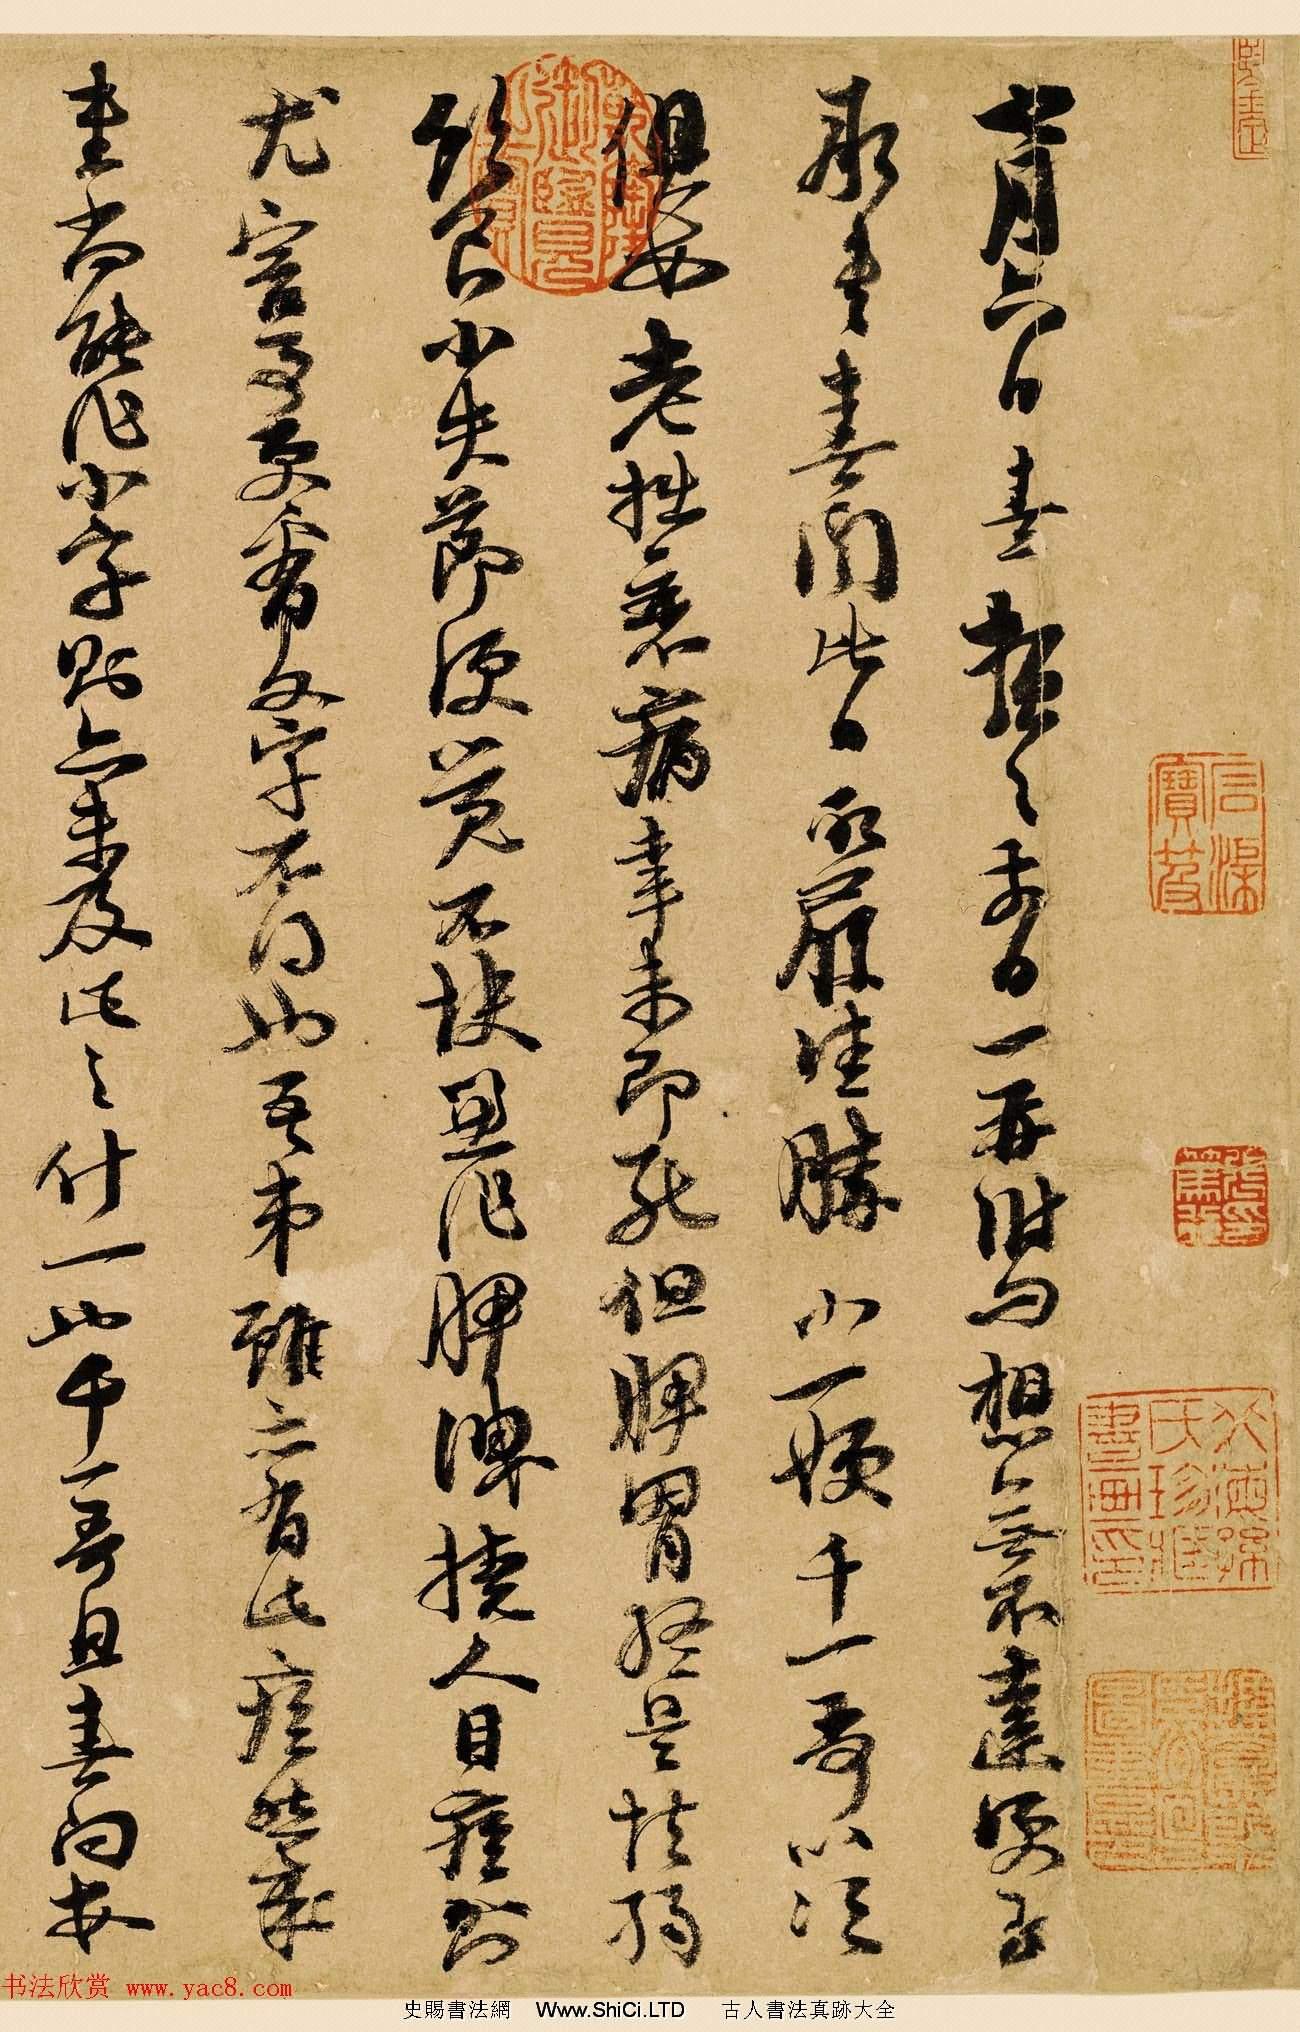 朱熹行書翰文稿書法墨跡真跡欣賞(共10張圖片)